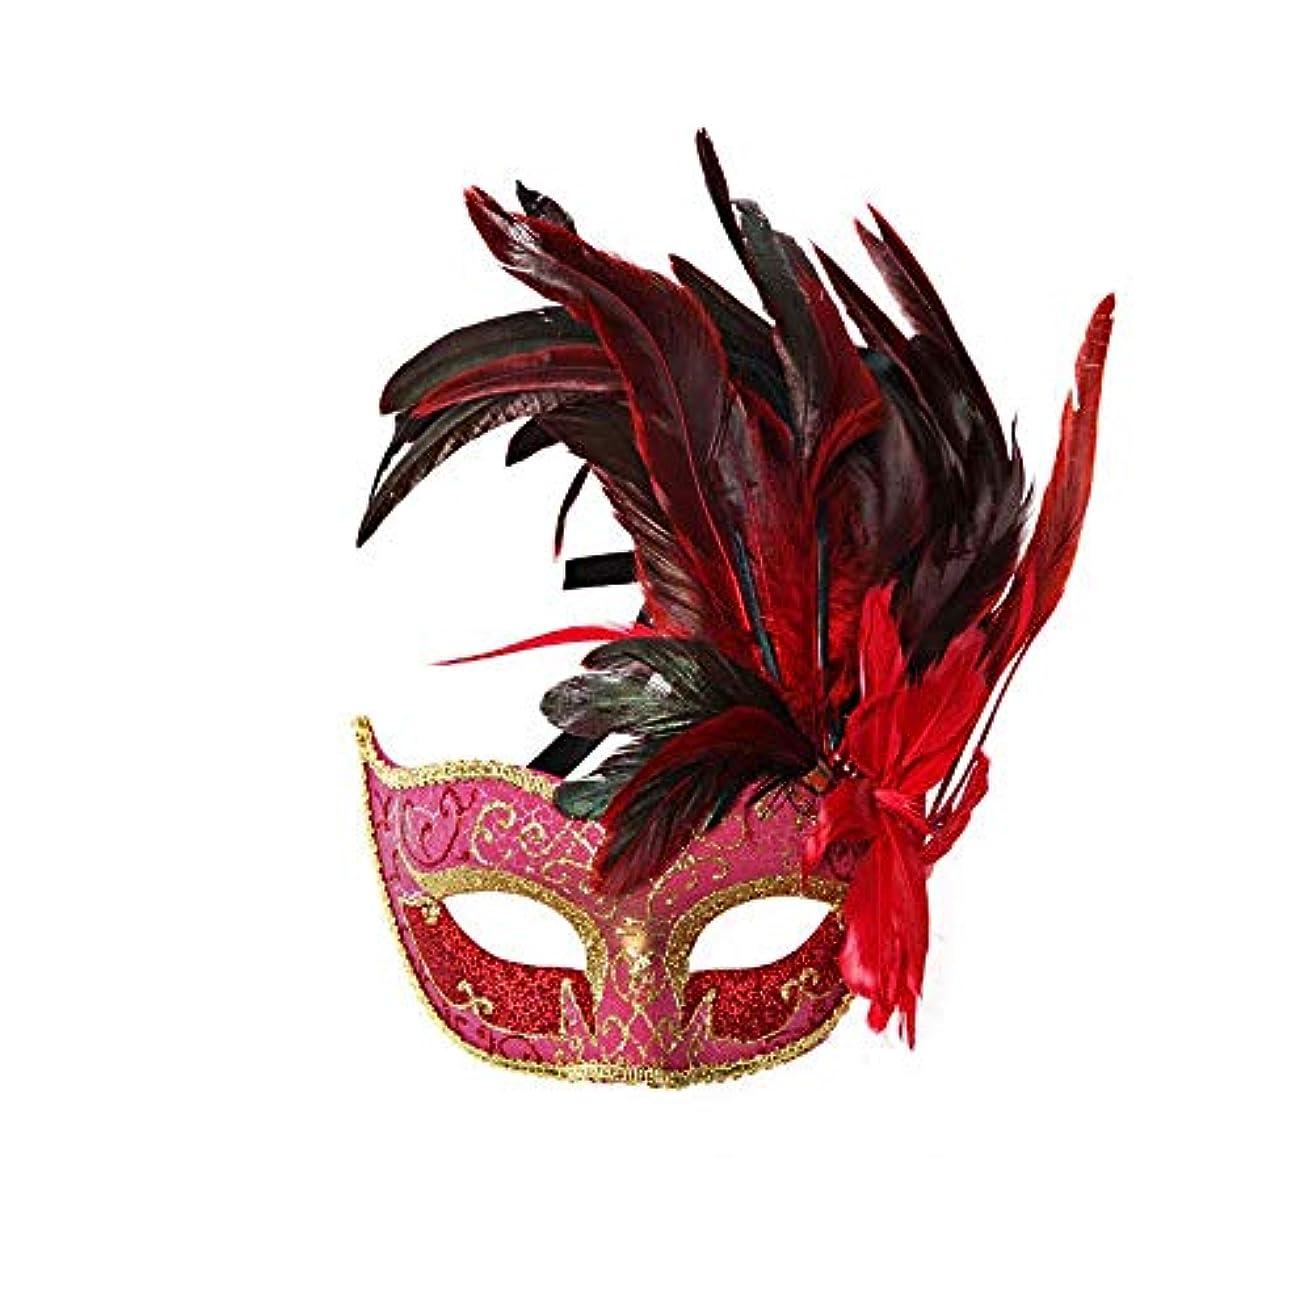 受賞主導権記念日Nanle ハロウィンマスクハーフフェザーマスクベニスプリンセスマスク美容レース仮面ライダーコスプレ (色 : Style A red)